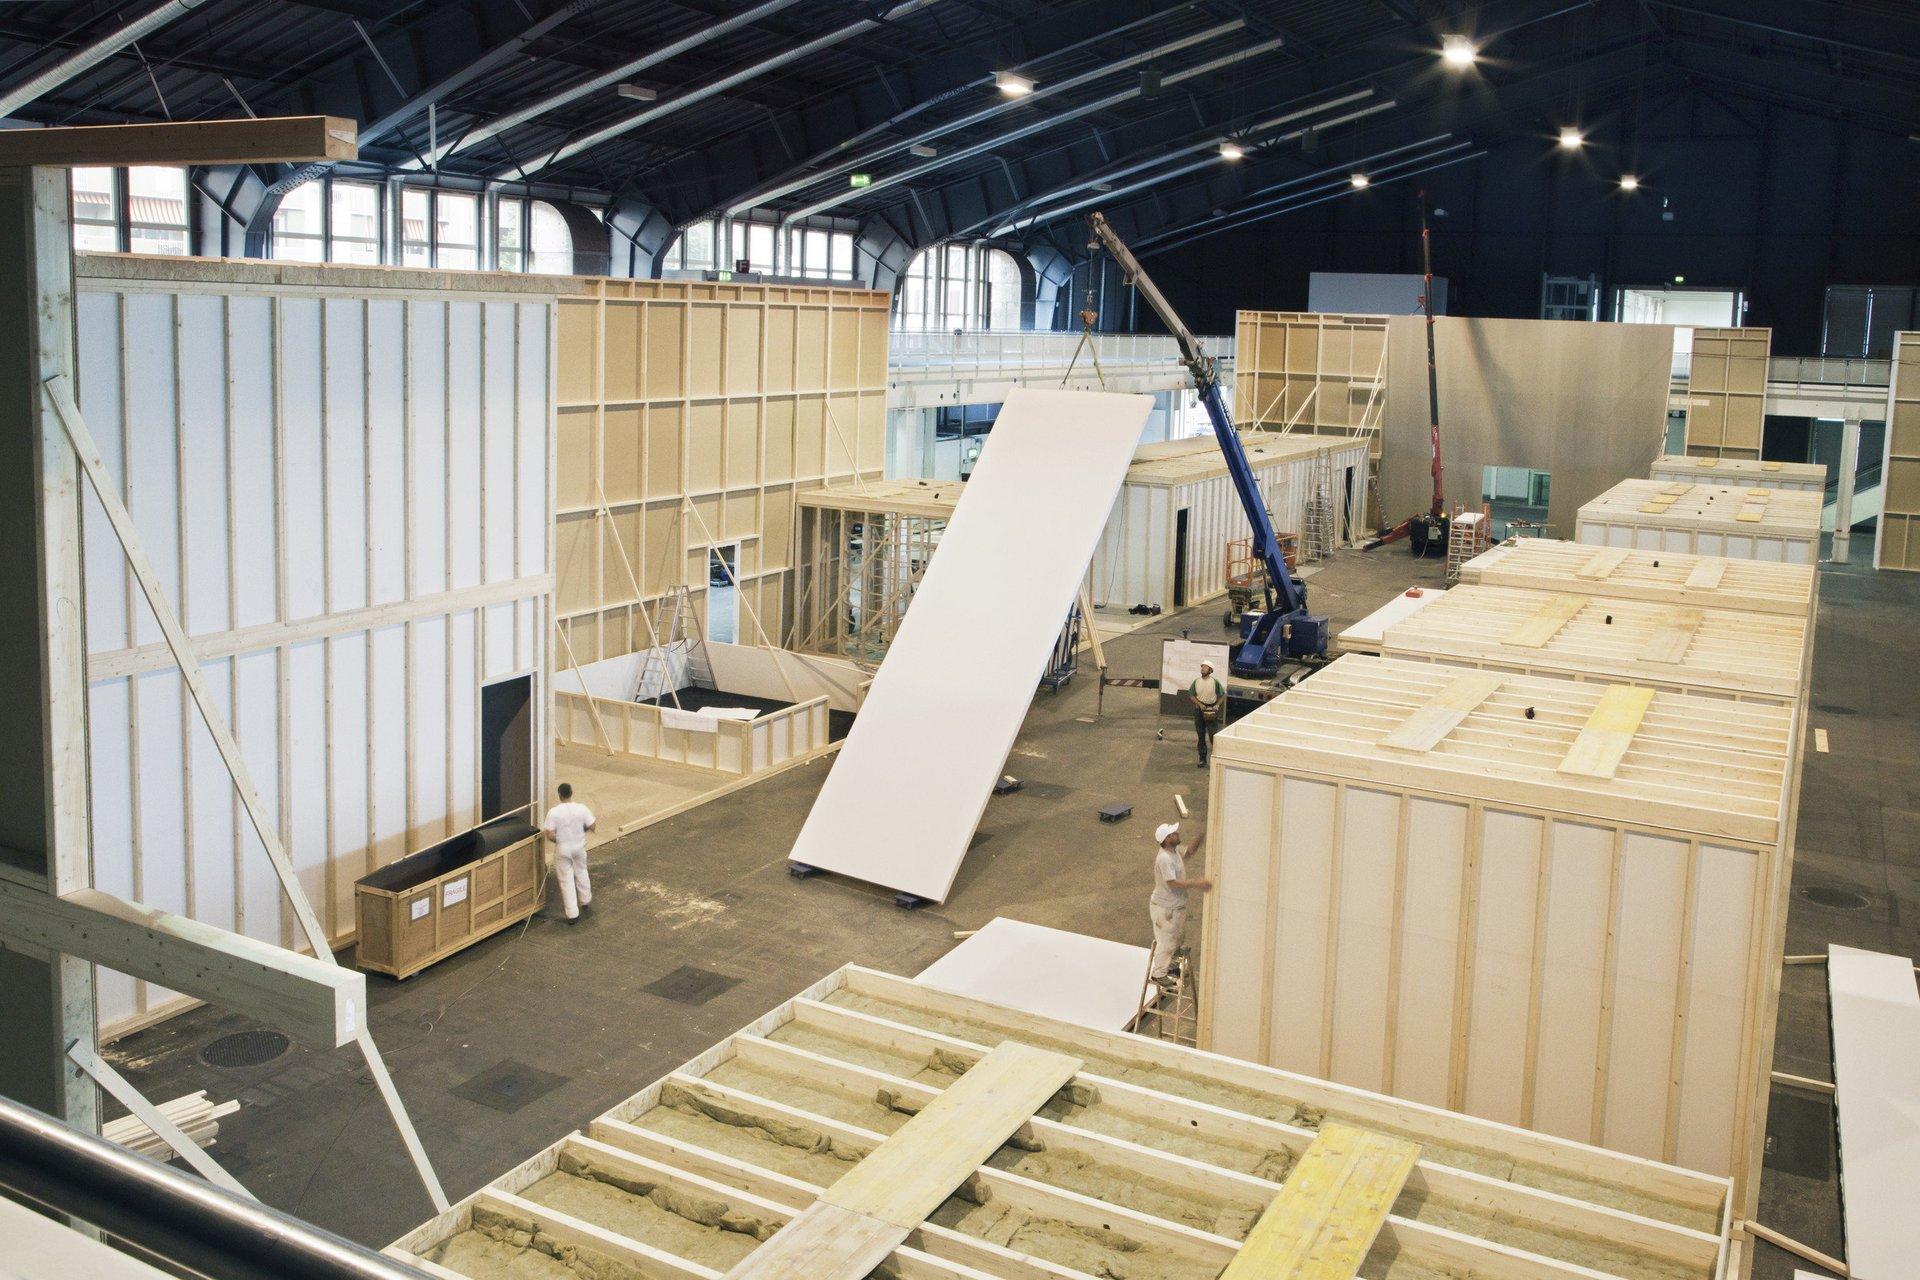 vorangeschrittener Bau verschiedener Holzräume in grosser Halle